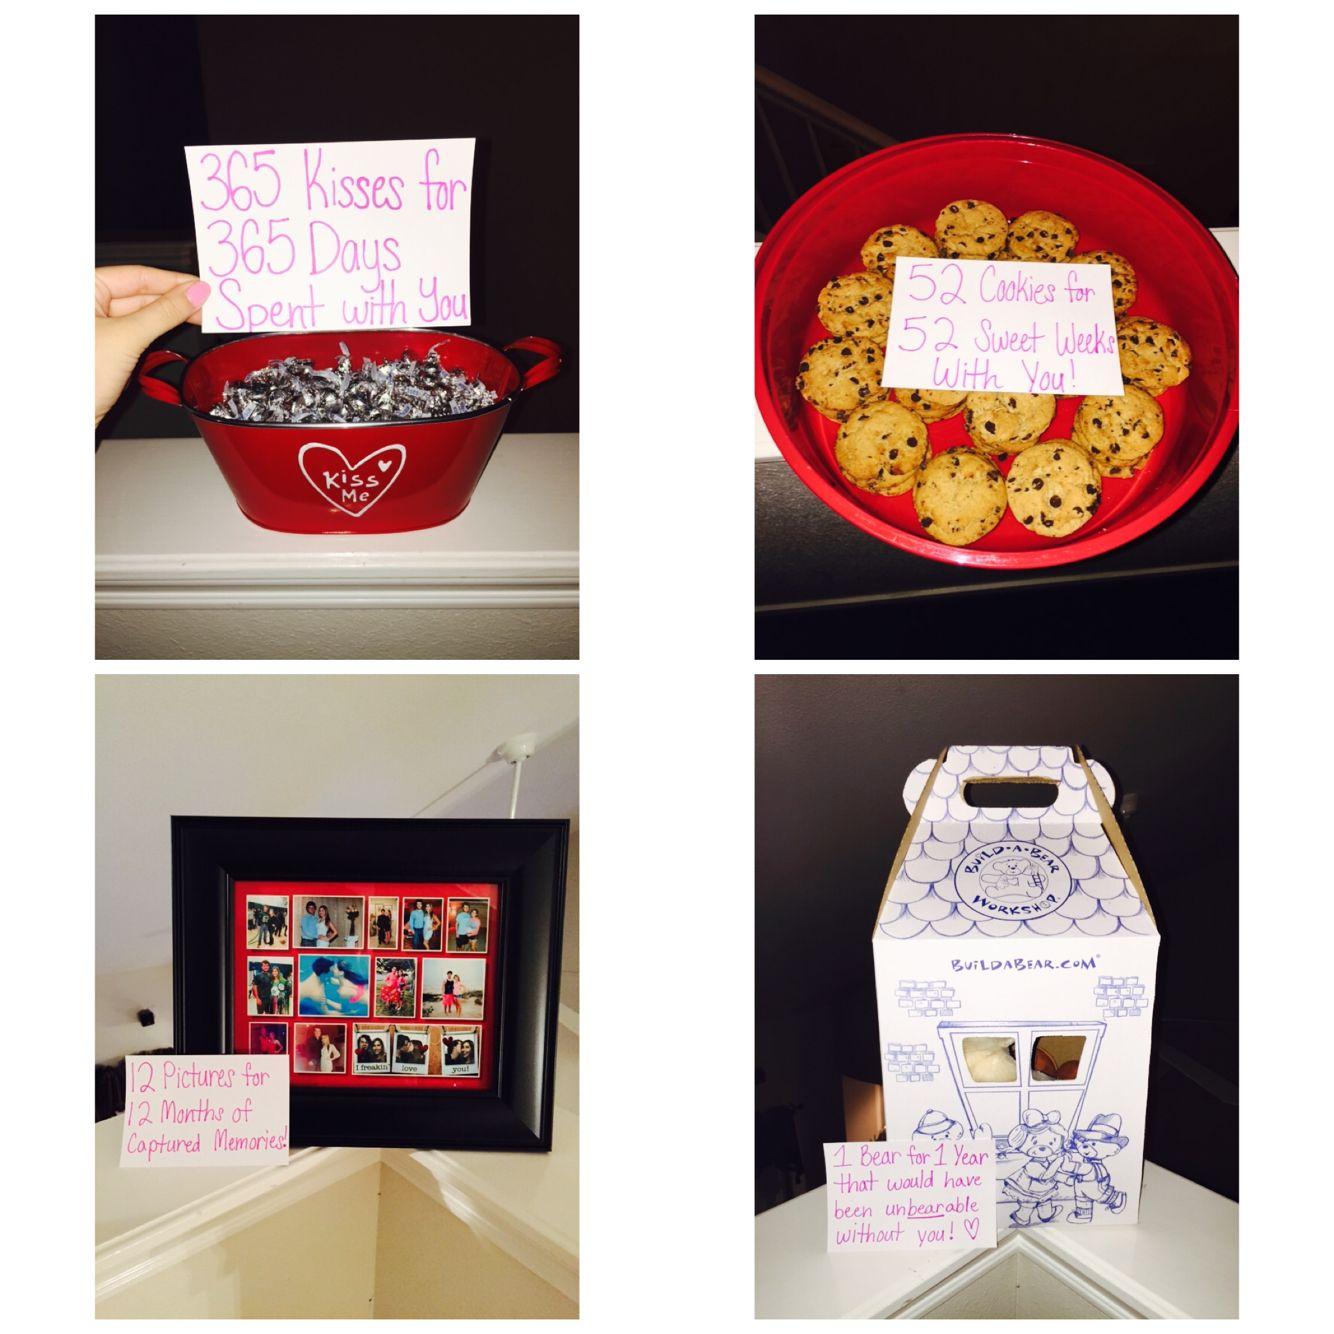 1 year Anniversary gift for boyfriend or girlfriend 1